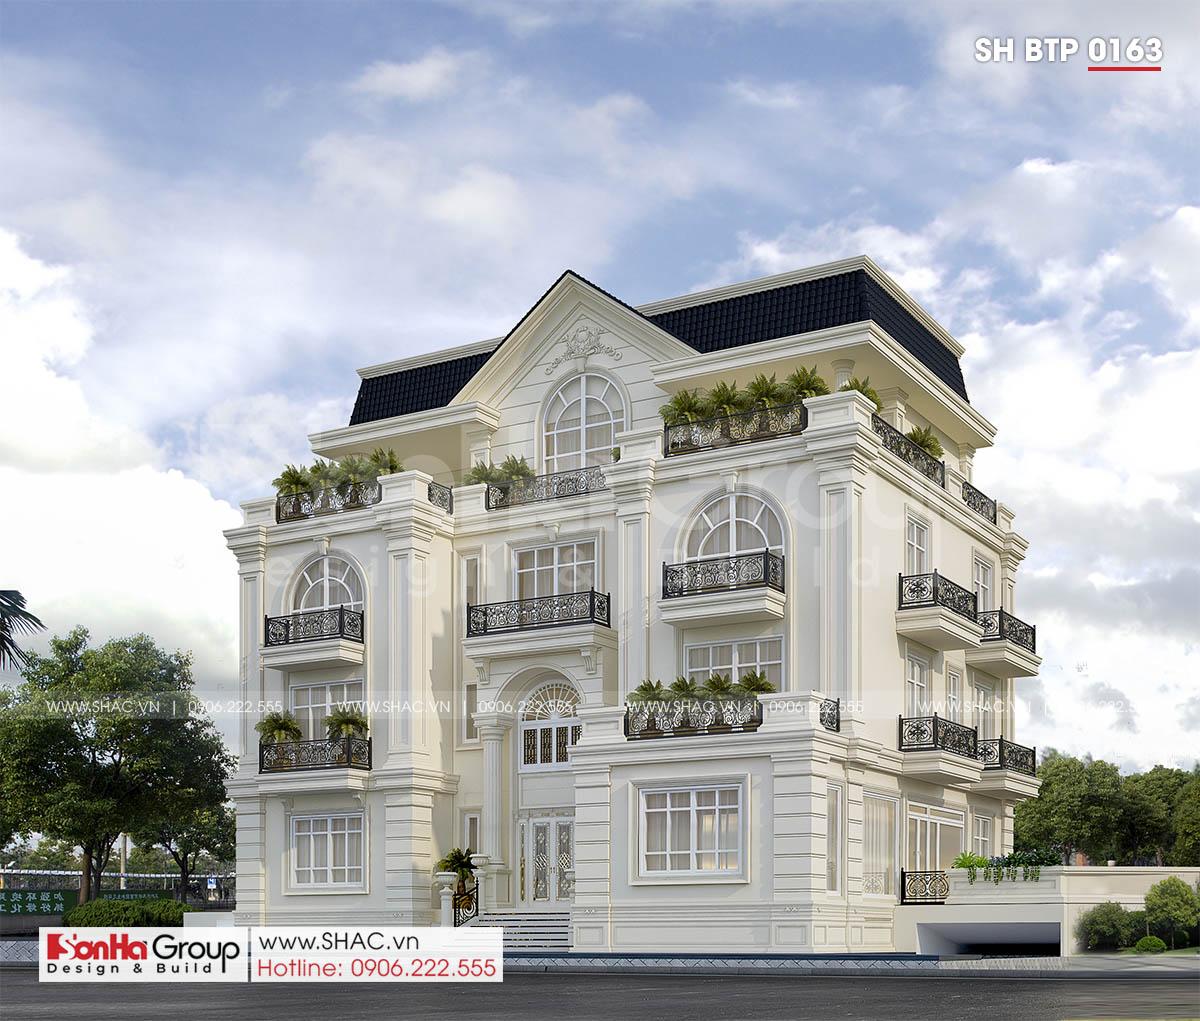 Thiết kế biệt thự tân cổ điển mặt tiền 18m tại Sài Gòn